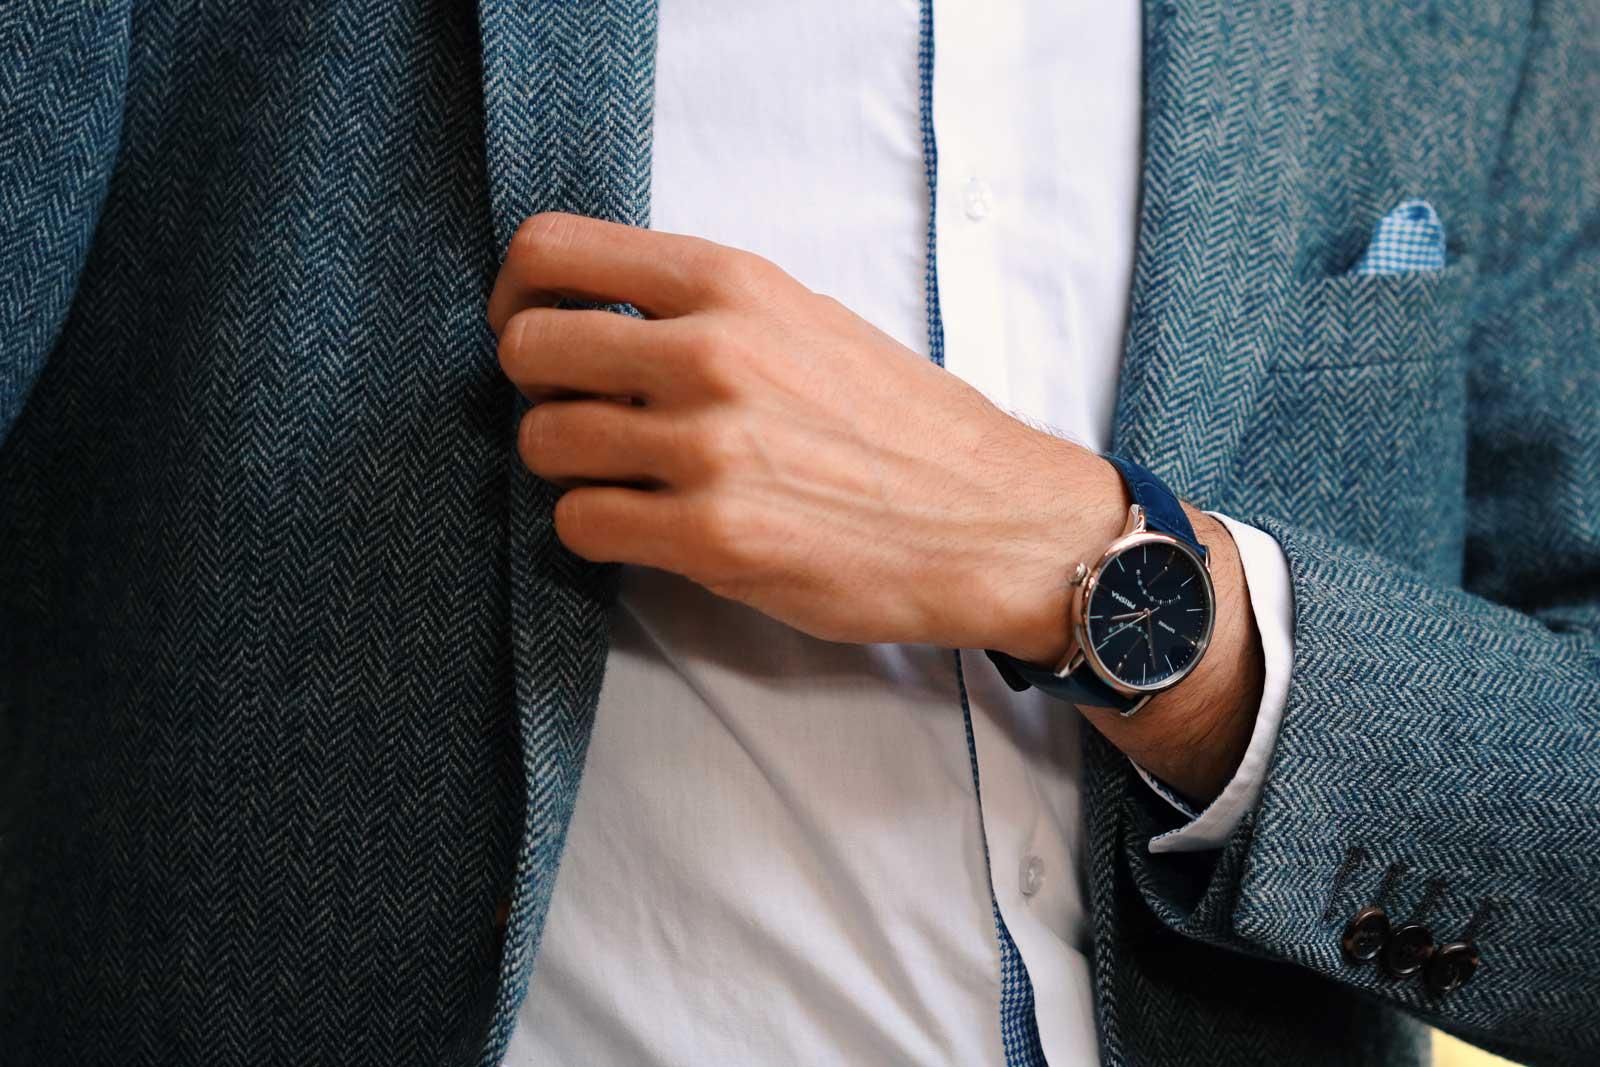 Voyage blauw prisma herenhorloge chique stijlvol men watch